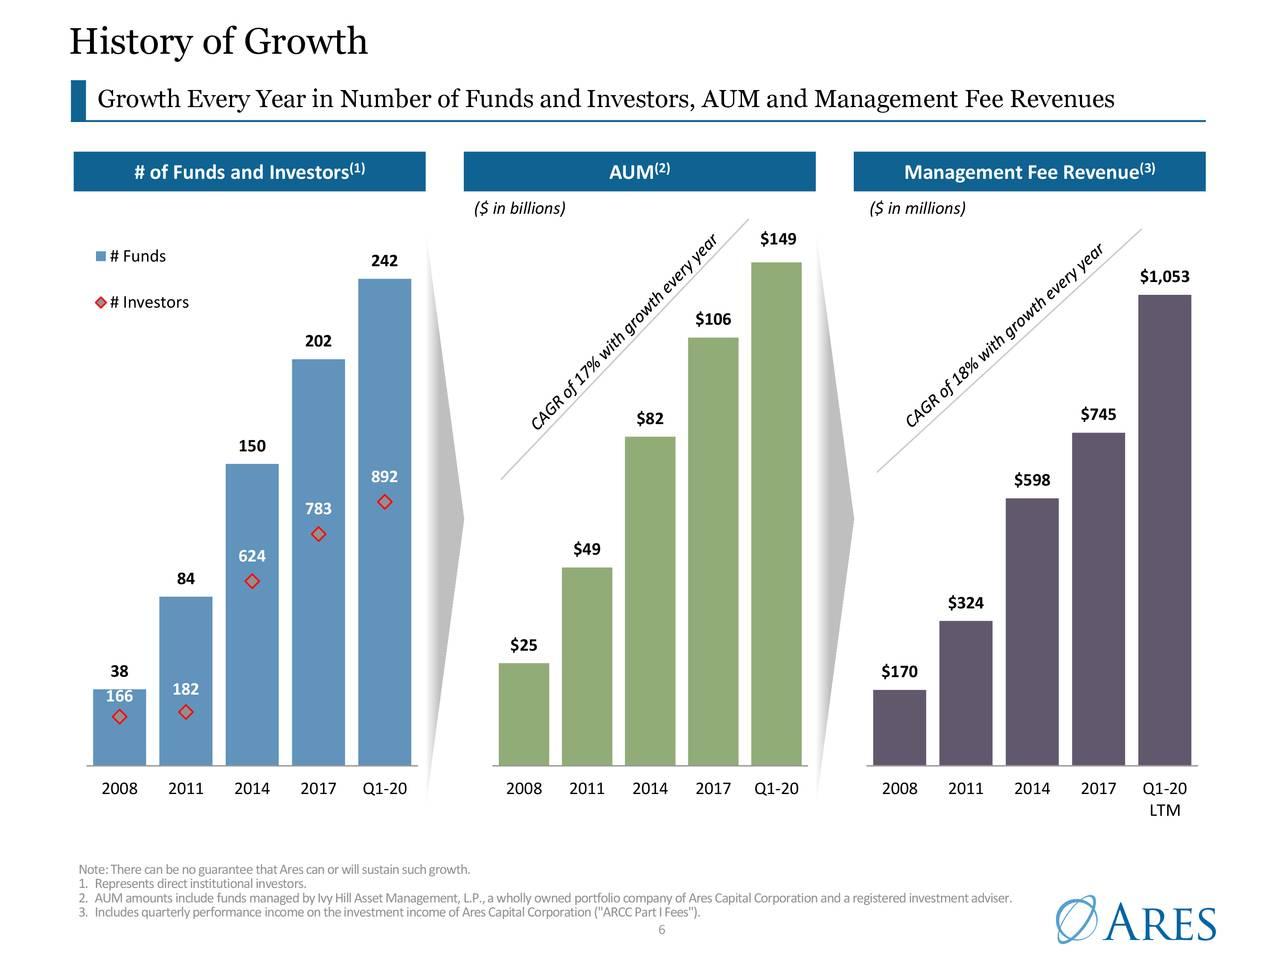 Historia de crecimiento